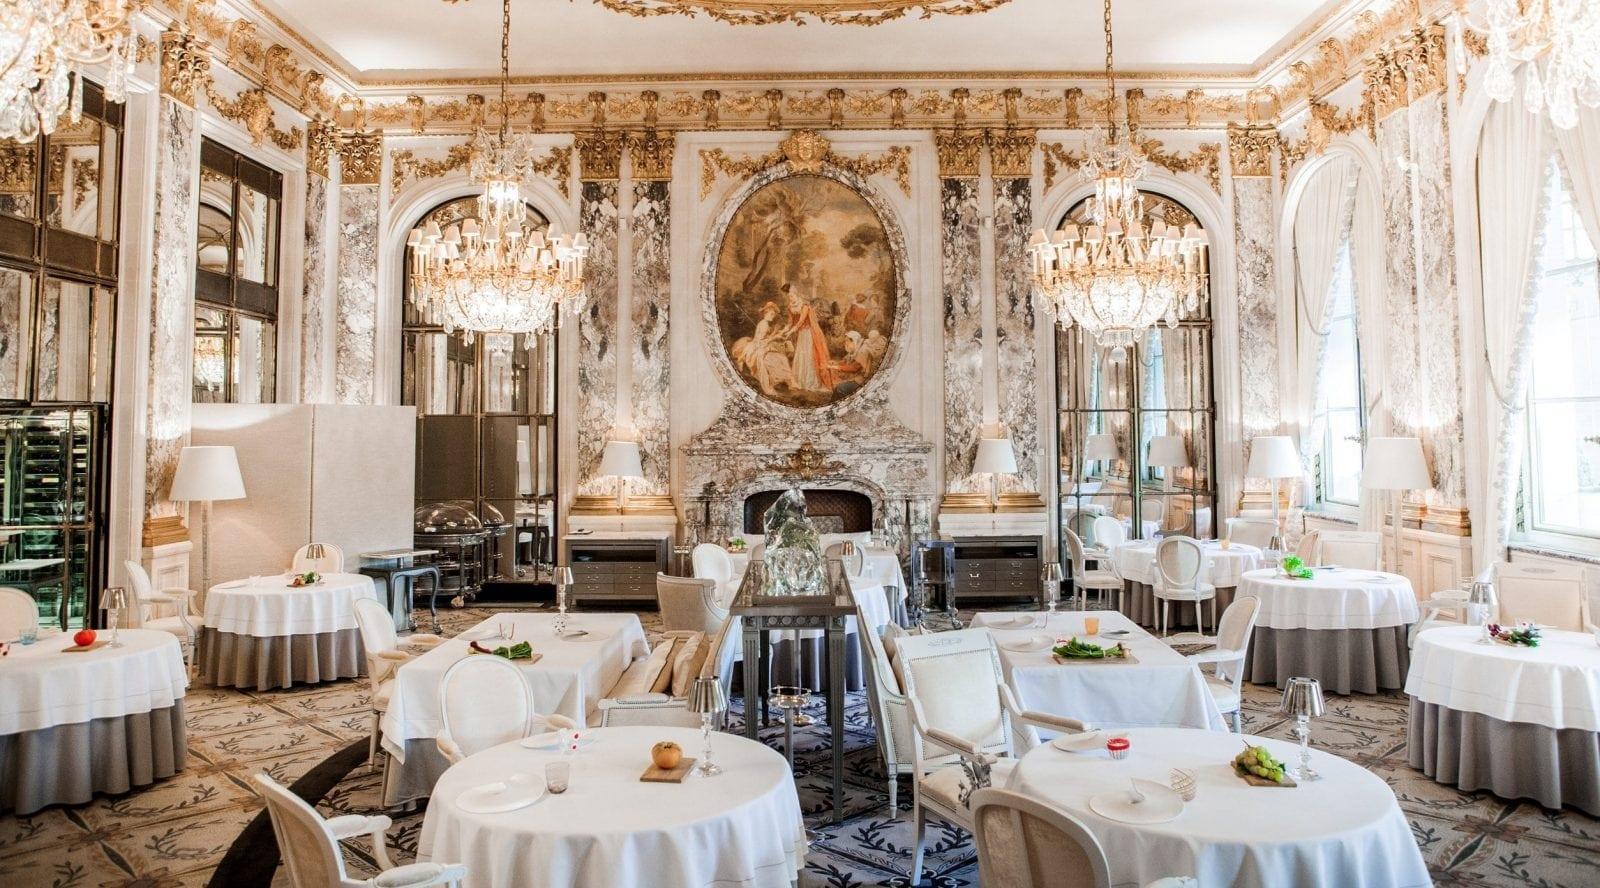 1.Restaurant le Meurice - Top 10 restaurante cu stele Michelin din Europa